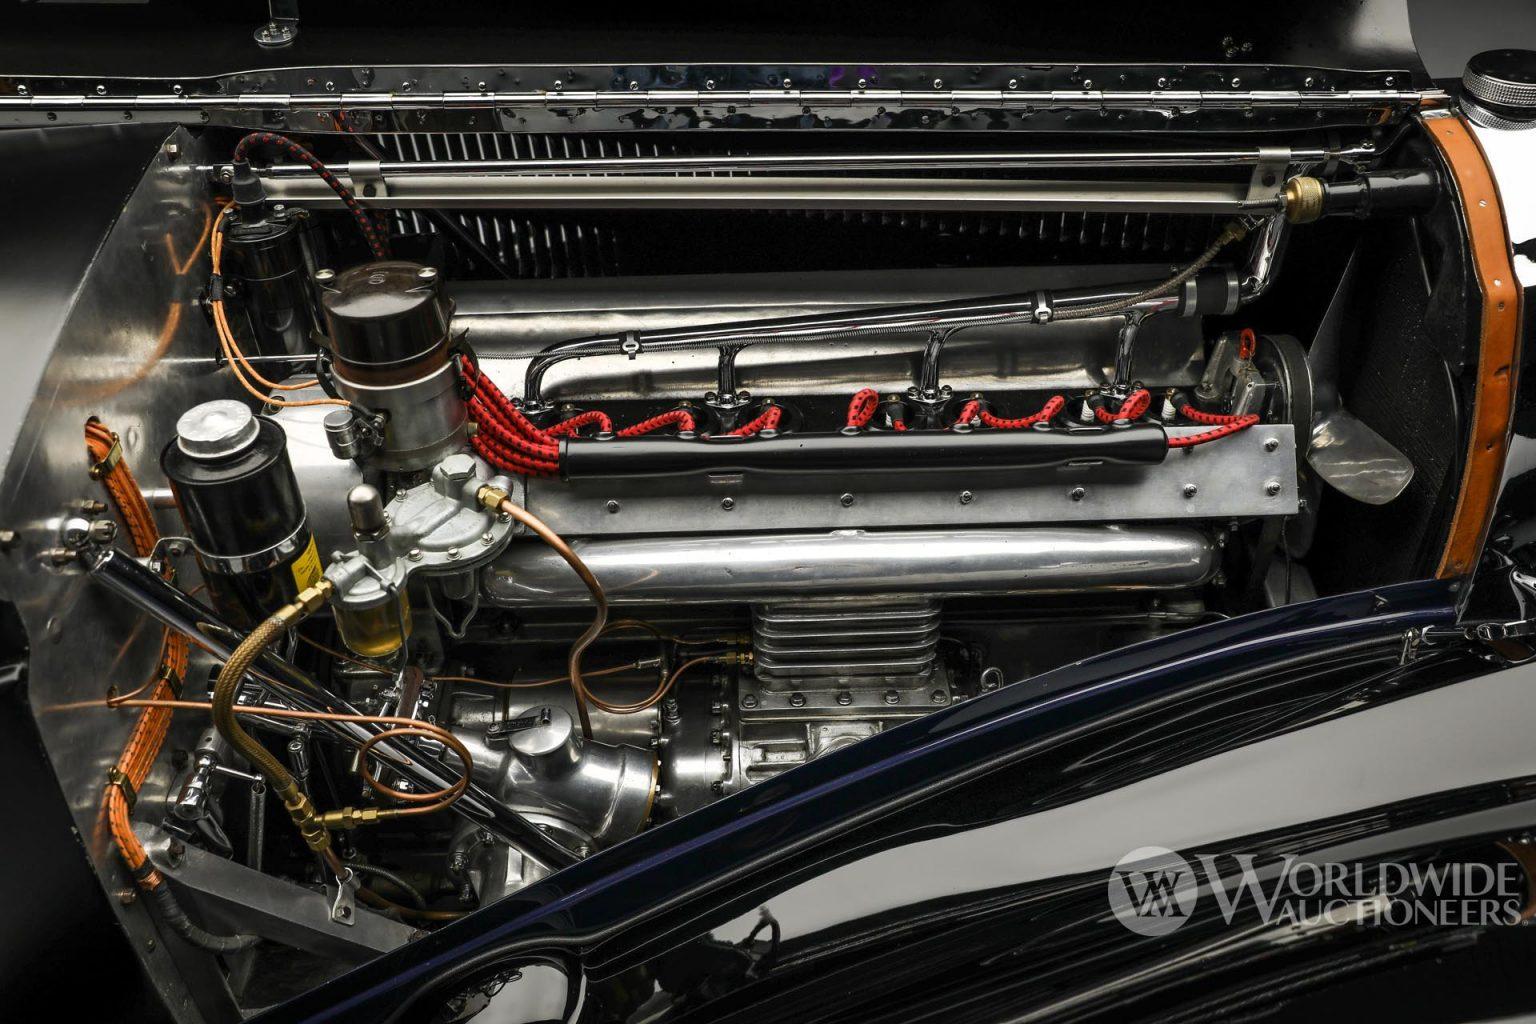 بوجاتي تايب 57 سي أتالانت كوبيه موديل 1938 المحرك